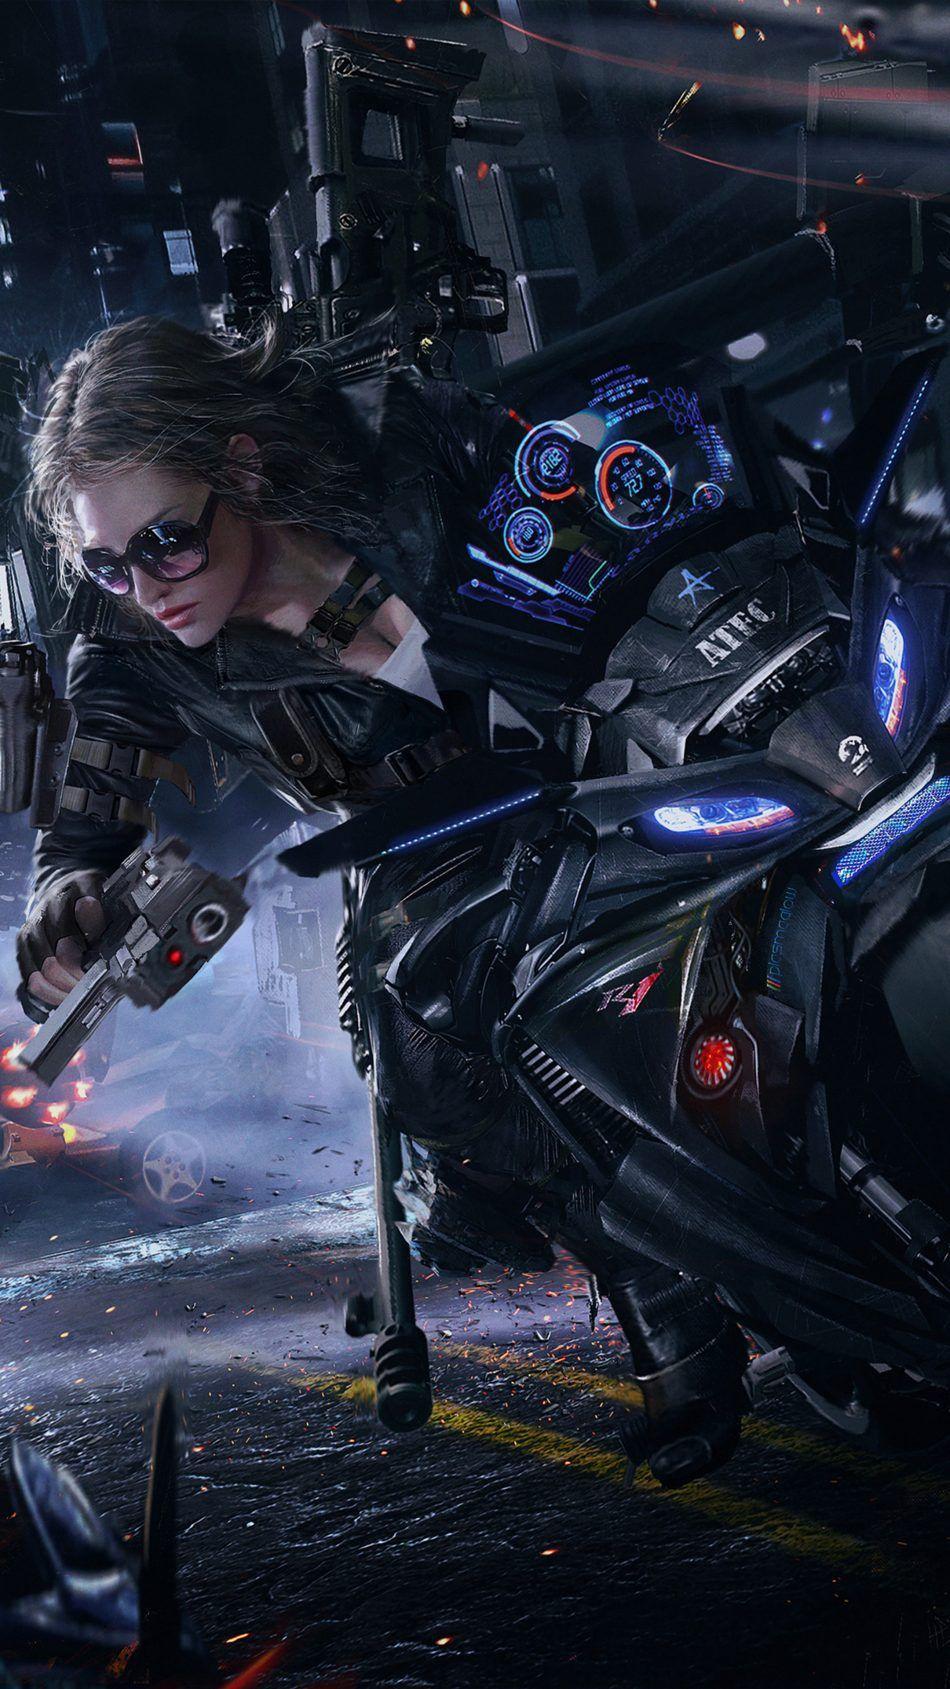 Crossfire Game Girl Bike Cyberpunk Girl Cyberpunk Art